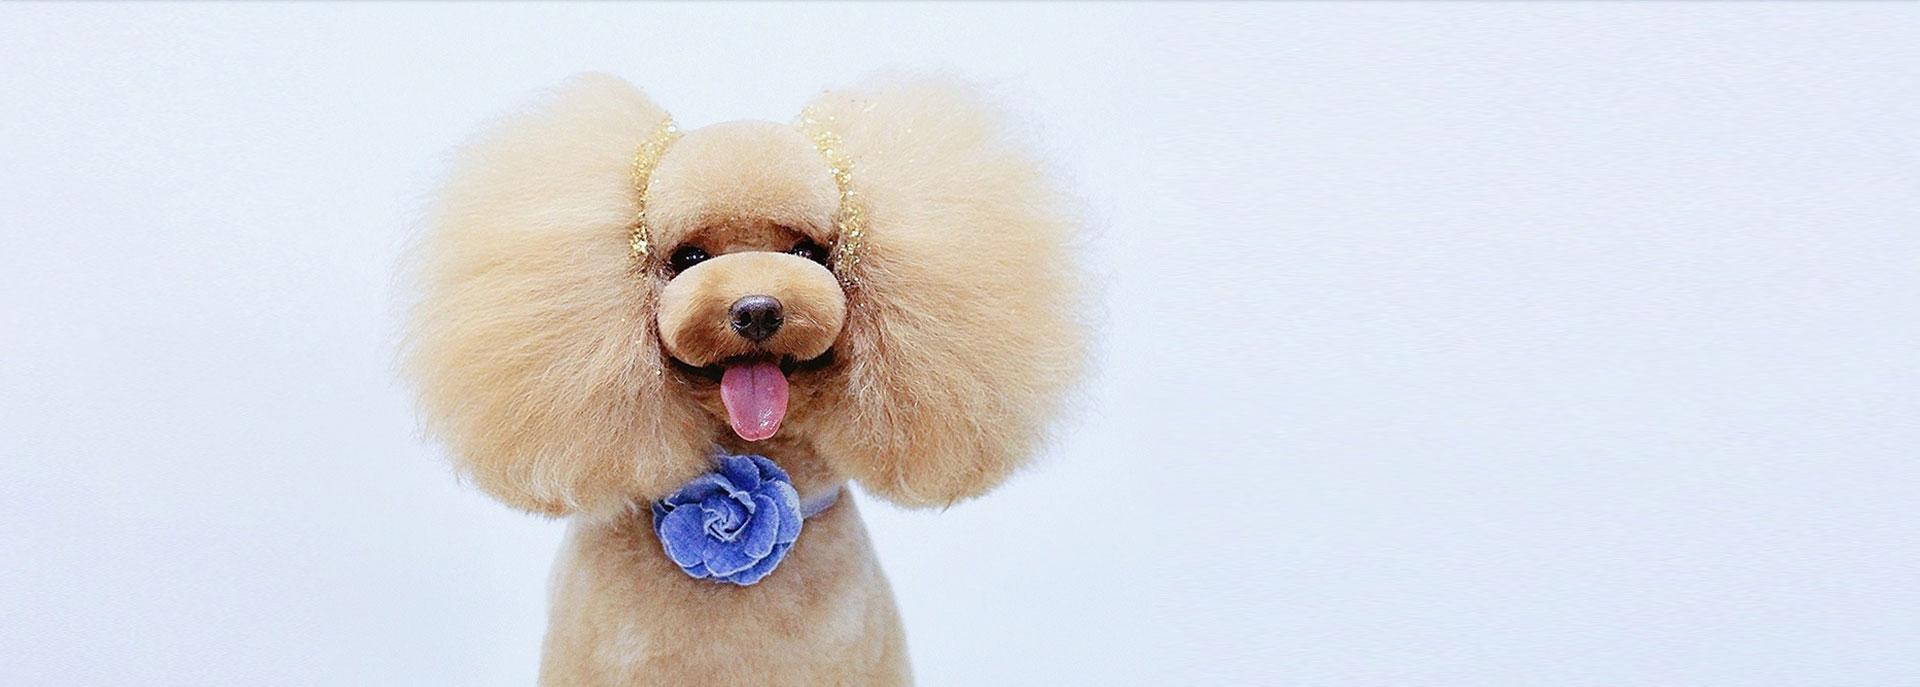 宠物美容师培训对宠物美容的重要性